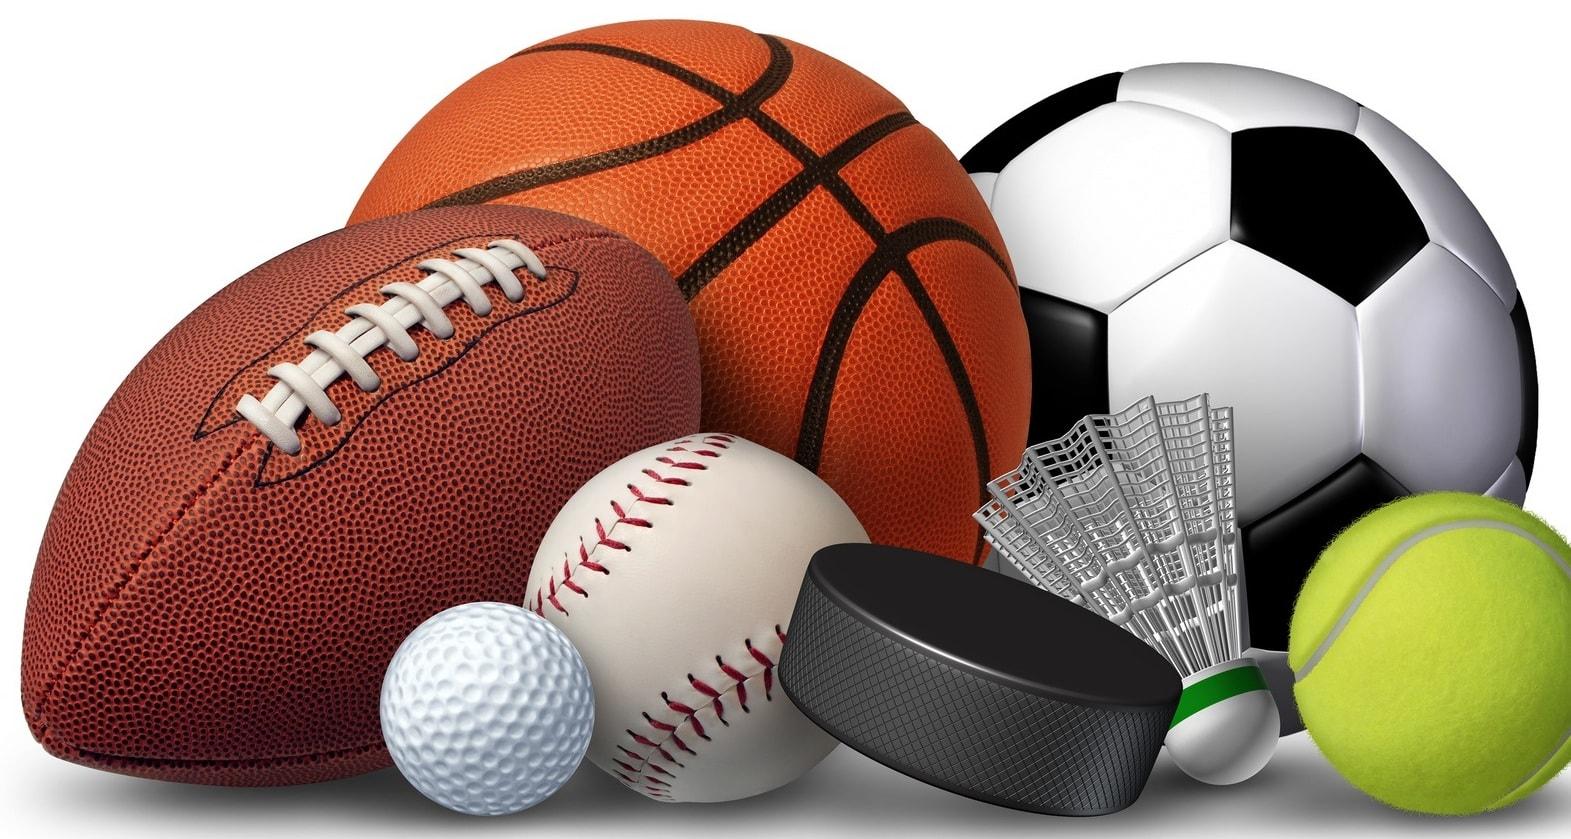 Từ vựng tiếng anh về thể thao - Sports